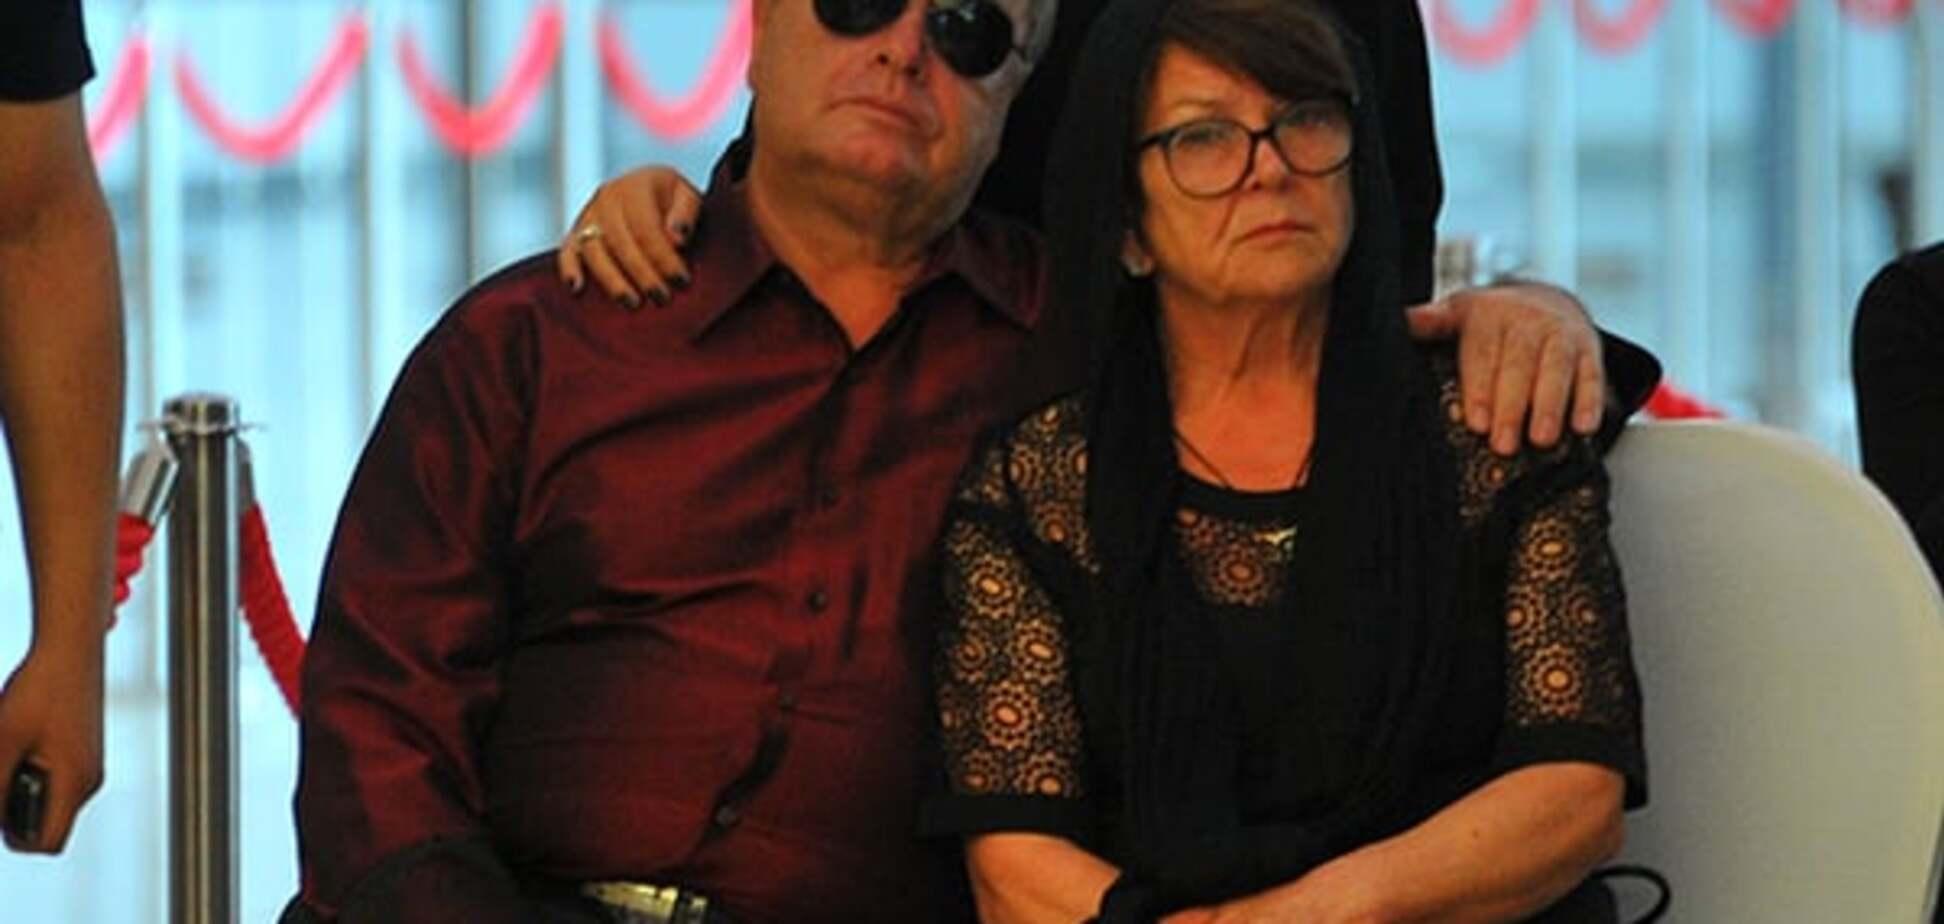 Мать Фриске тяжело заболела после скандала с Шепелевым